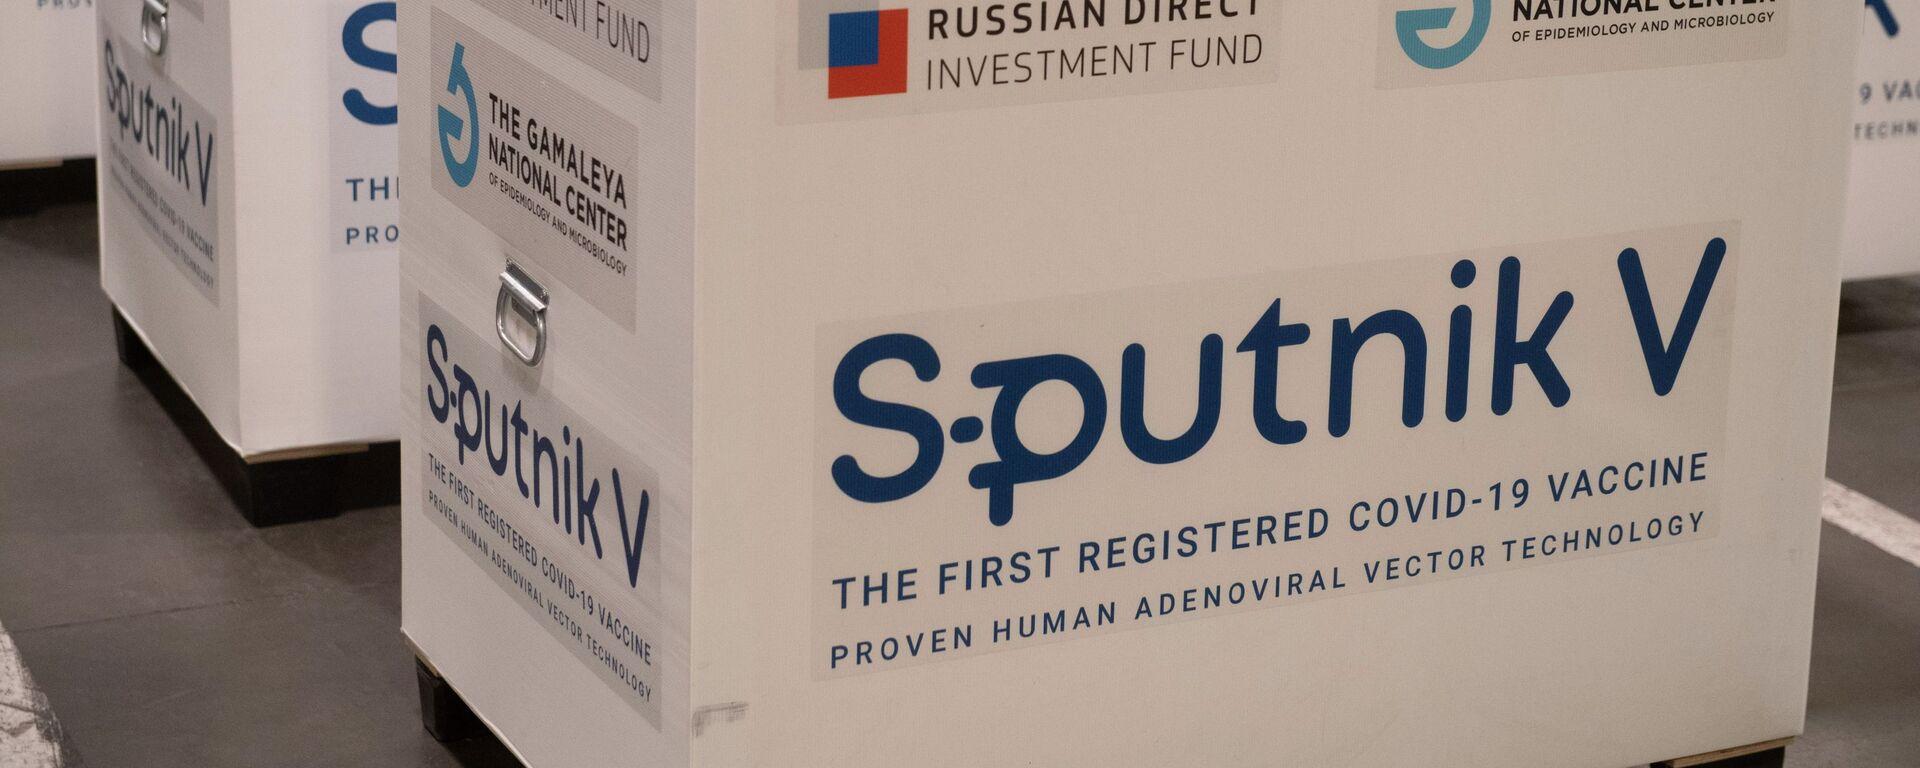 Груз с российской вакциной Sputnik V, предназначенной для отправки за границу - Sputnik Латвия, 1920, 09.07.2021